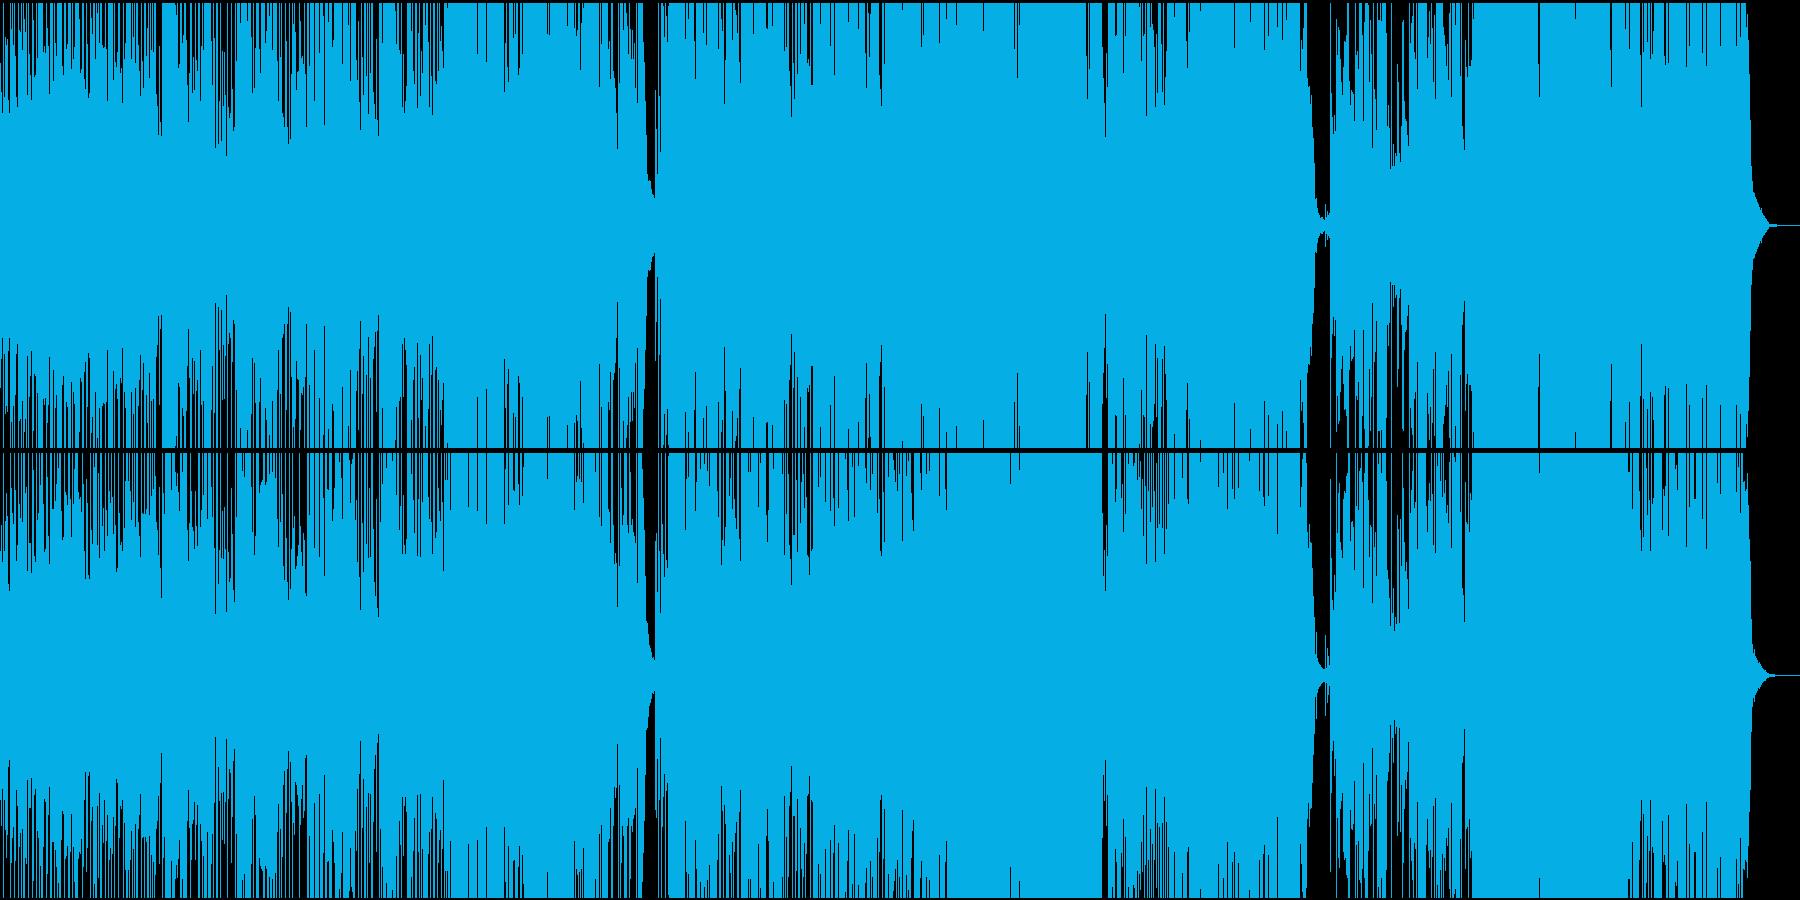 イギリスミュージカルシンガー王道ポップの再生済みの波形